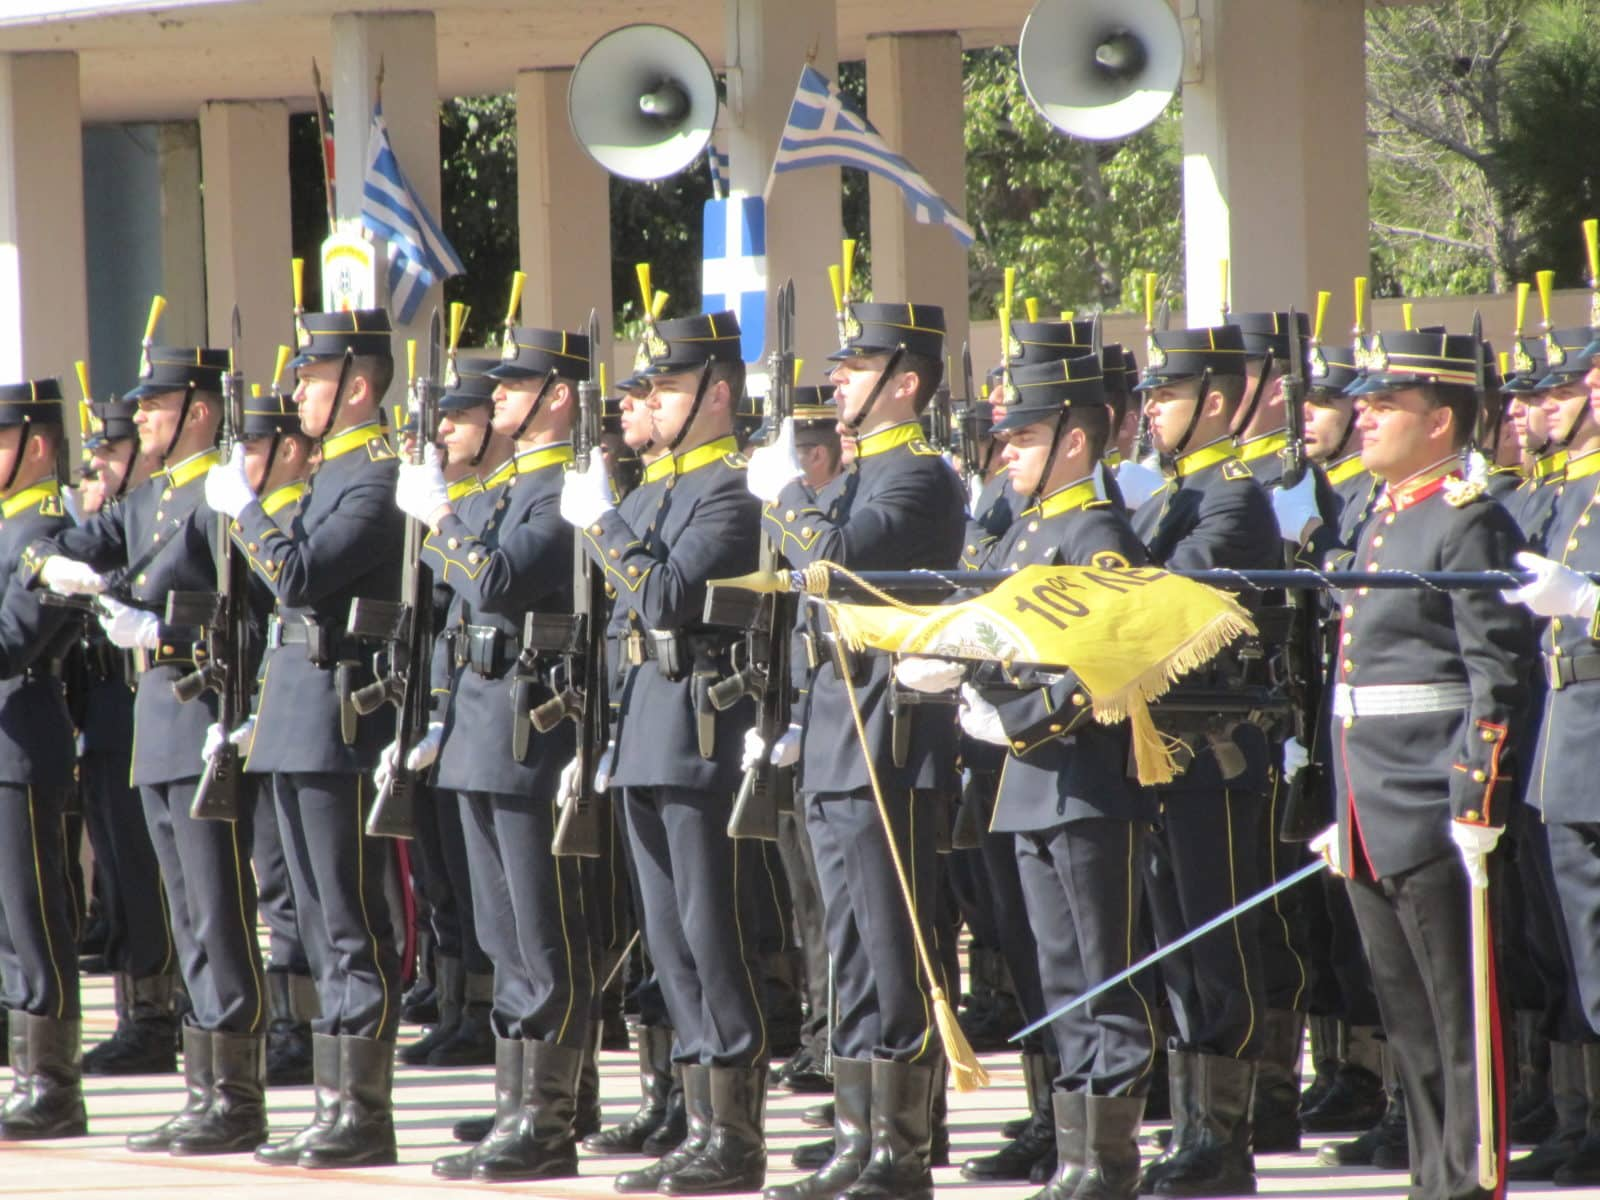 Βγήκαν οι βαθμοί - Βάσεις 2018 Πανελλήνιες 2019: Στρατιωτικές σχολές η προθεσμία για online αίτηση λίγει σε λίγες ημέρες - Δείτε όλες τις λεπτομέρειες τις προκήρυξης